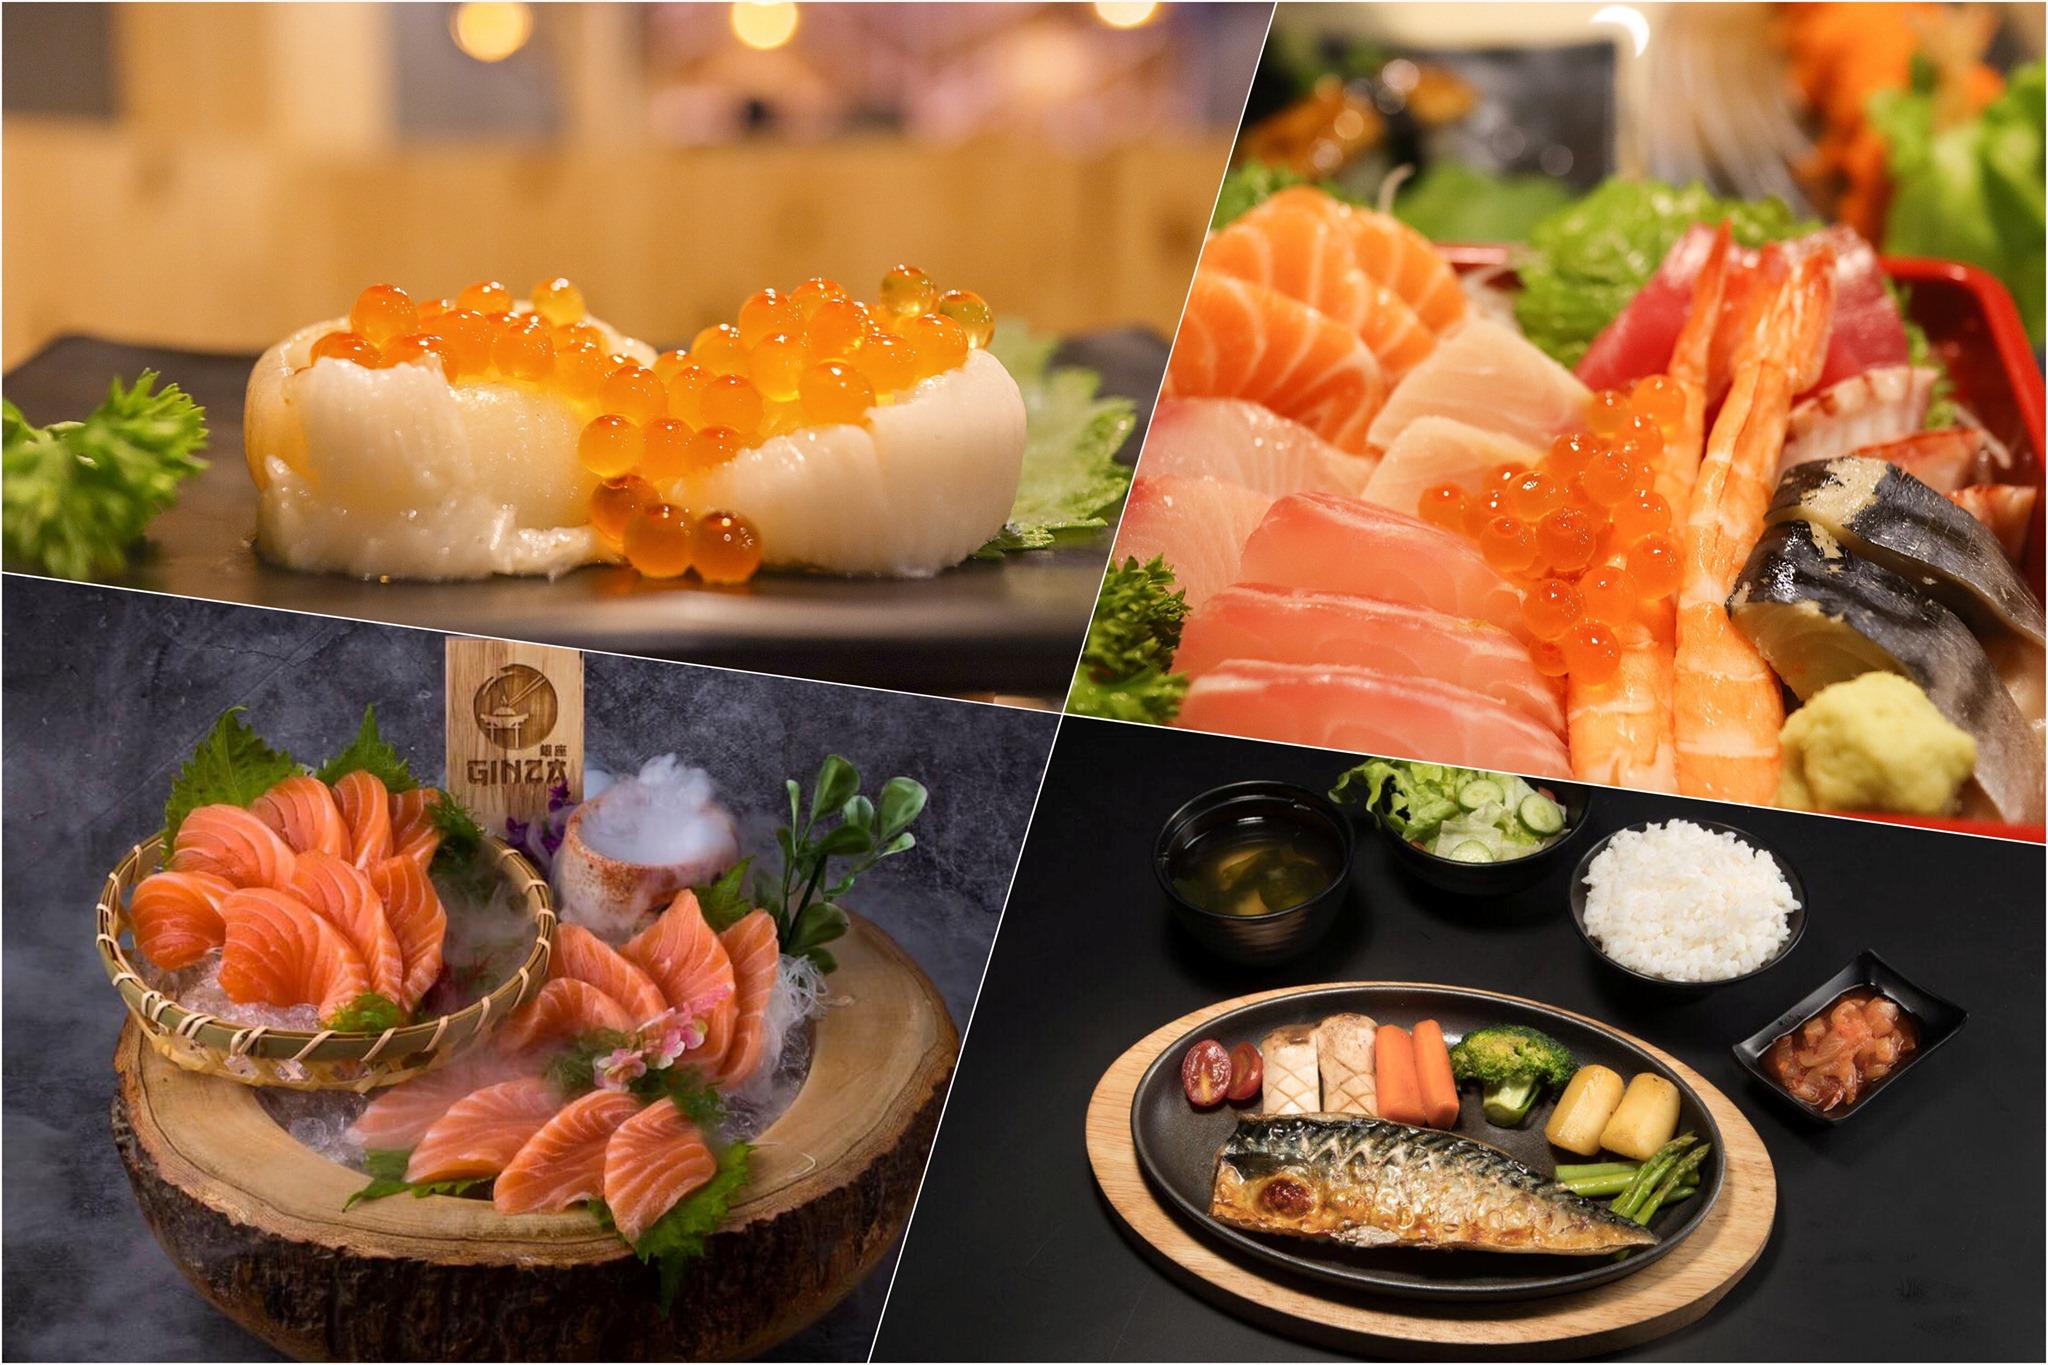 26.Ginza Izakaya ร้านอาหารญี่ปุ่นเด็ดๆ ประจำอำเภอเมือง นครศรีธรรมราช แอดมินกินมานานน มีเมนูใหม่ๆเพิ่มขึ้นเรื่อยๆนะครับเมนูเยอะมวากกกจริงๆ https://nakhonsidee.com/show/read/1/159 อำเภอเมือง,ของกิน,ร้านอร่อย,ที่พัก,นครศรี,โรงแรม,รีสอร์ท,ร้านอาหาร